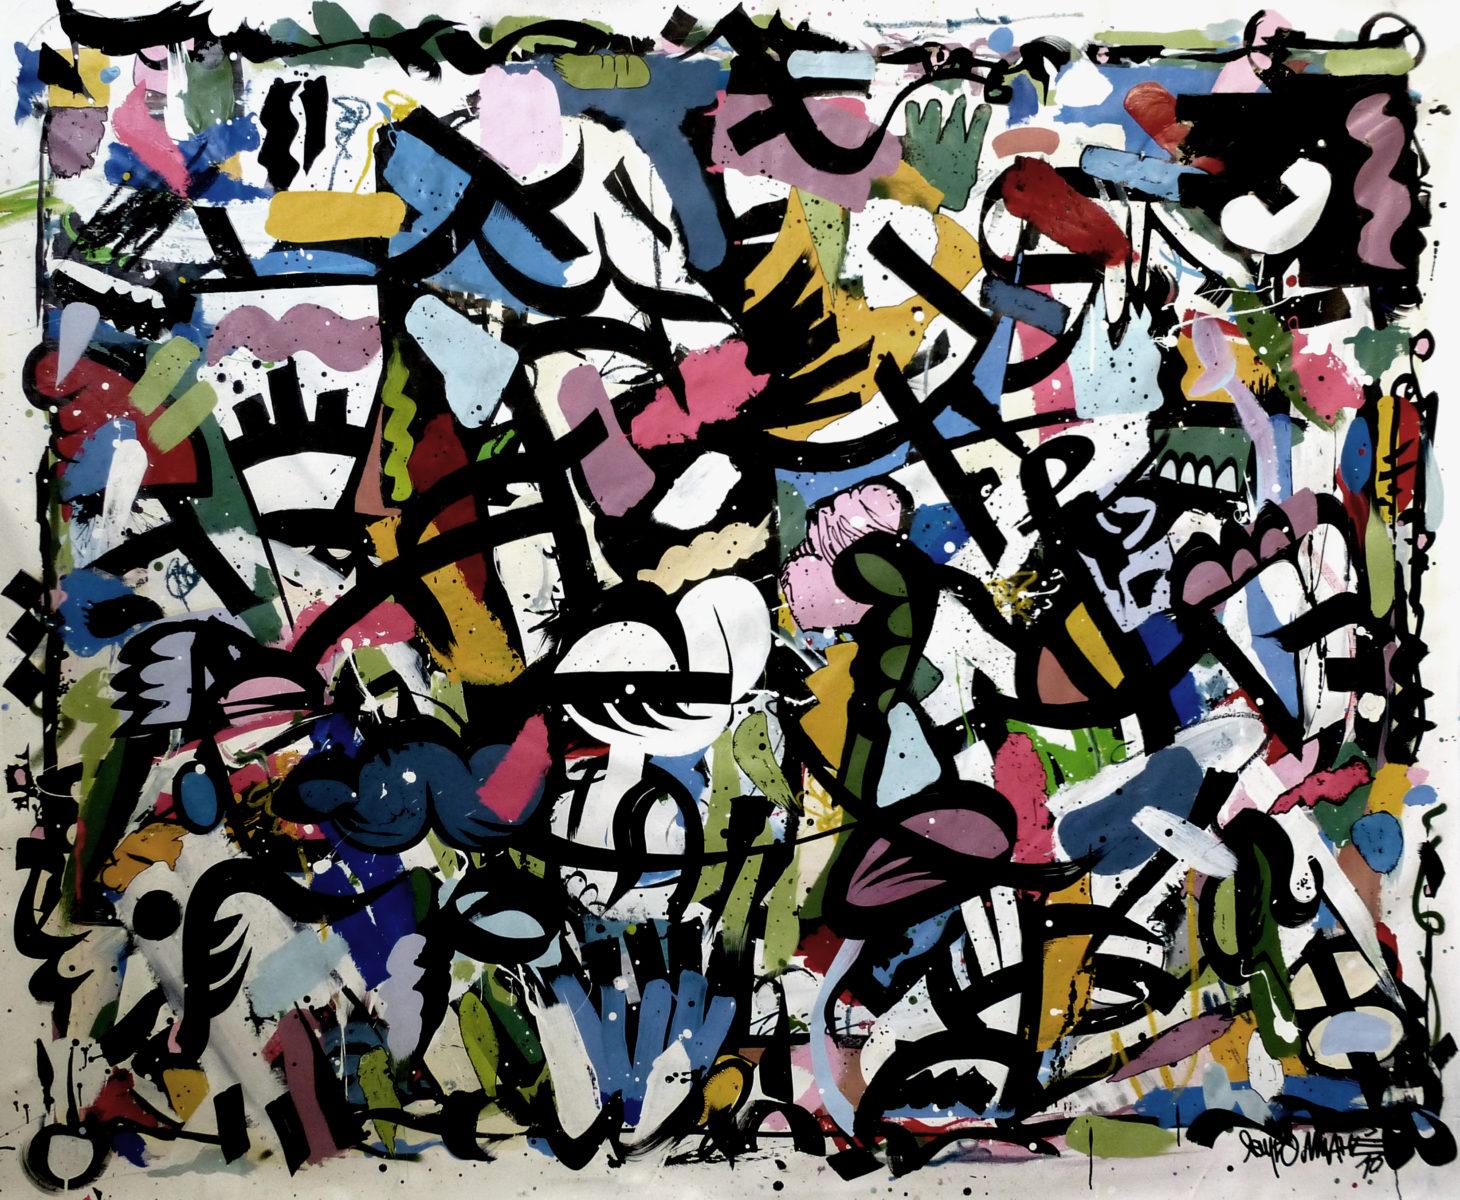 Leyto oboem ulule financement jungle - Coup de pouce RADAR x Ulule : Ôboem veut transformer l'affichage publicitaire en galerie d'art